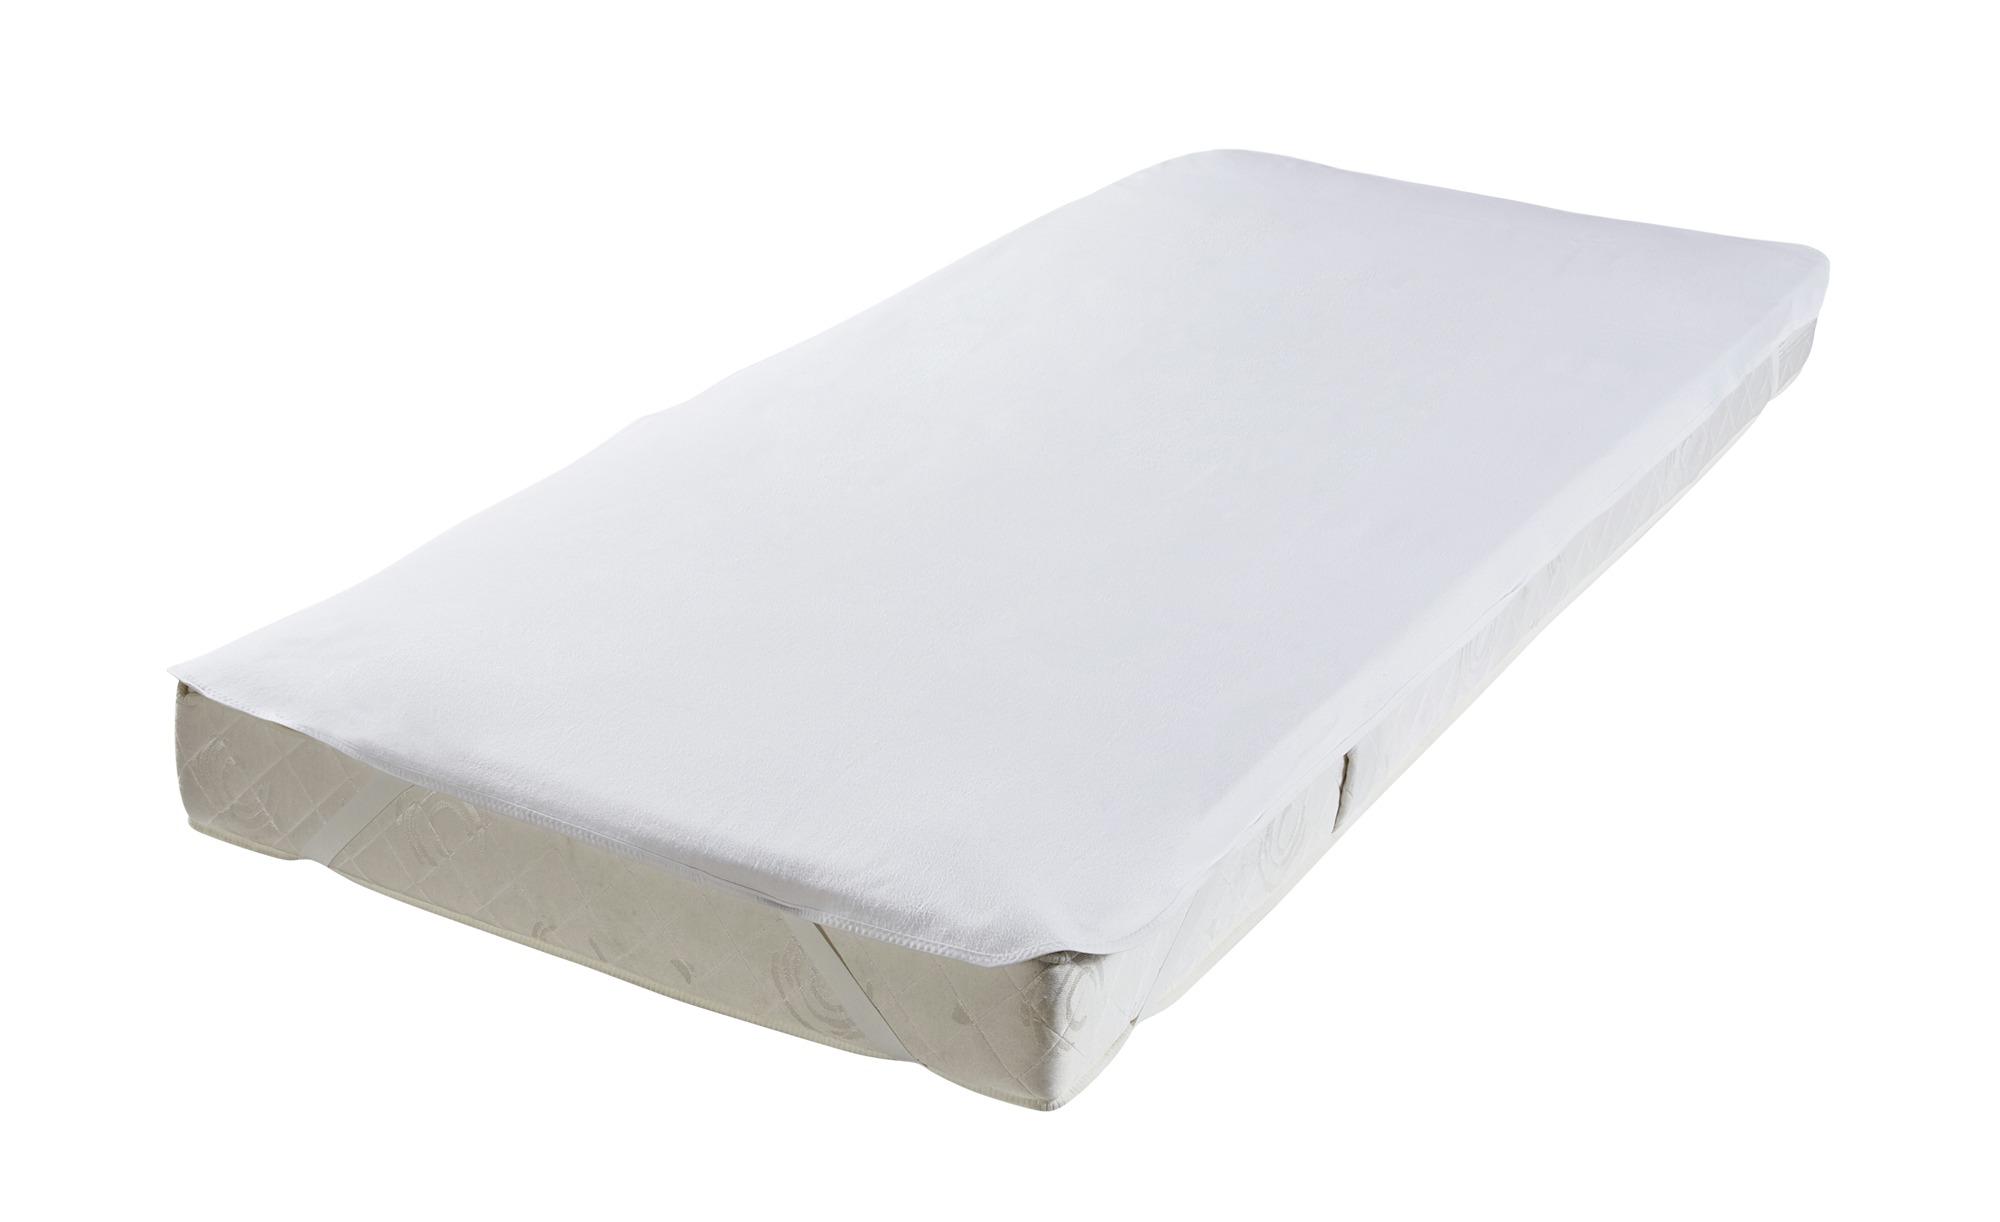 LAVIDA Molton-Matratzenauflage - weiß - 100% Baumwolle - 90 cm - Sconto